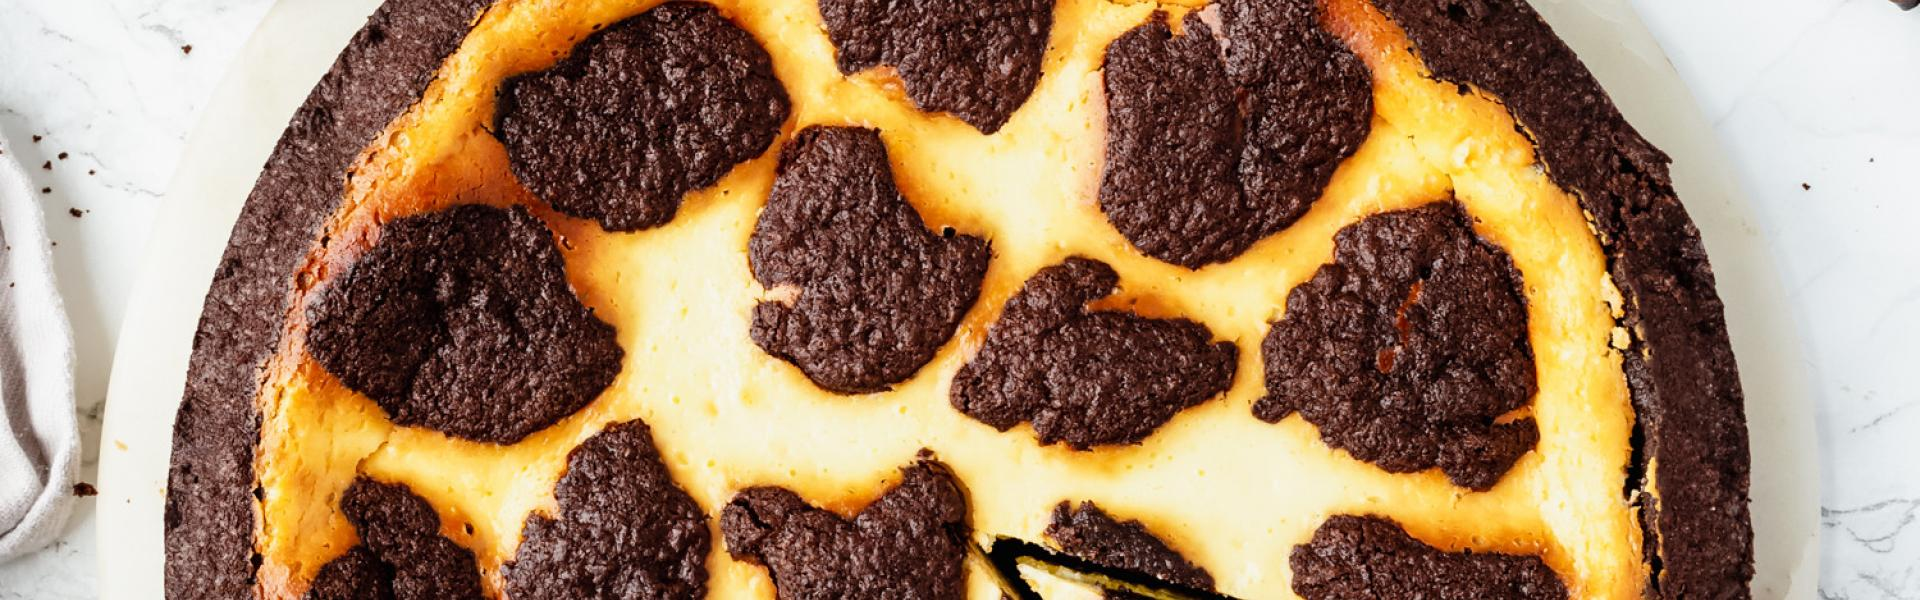 Glutenfreier Russischer Zupfkuchen auf Marmorbrett und angeschnitten